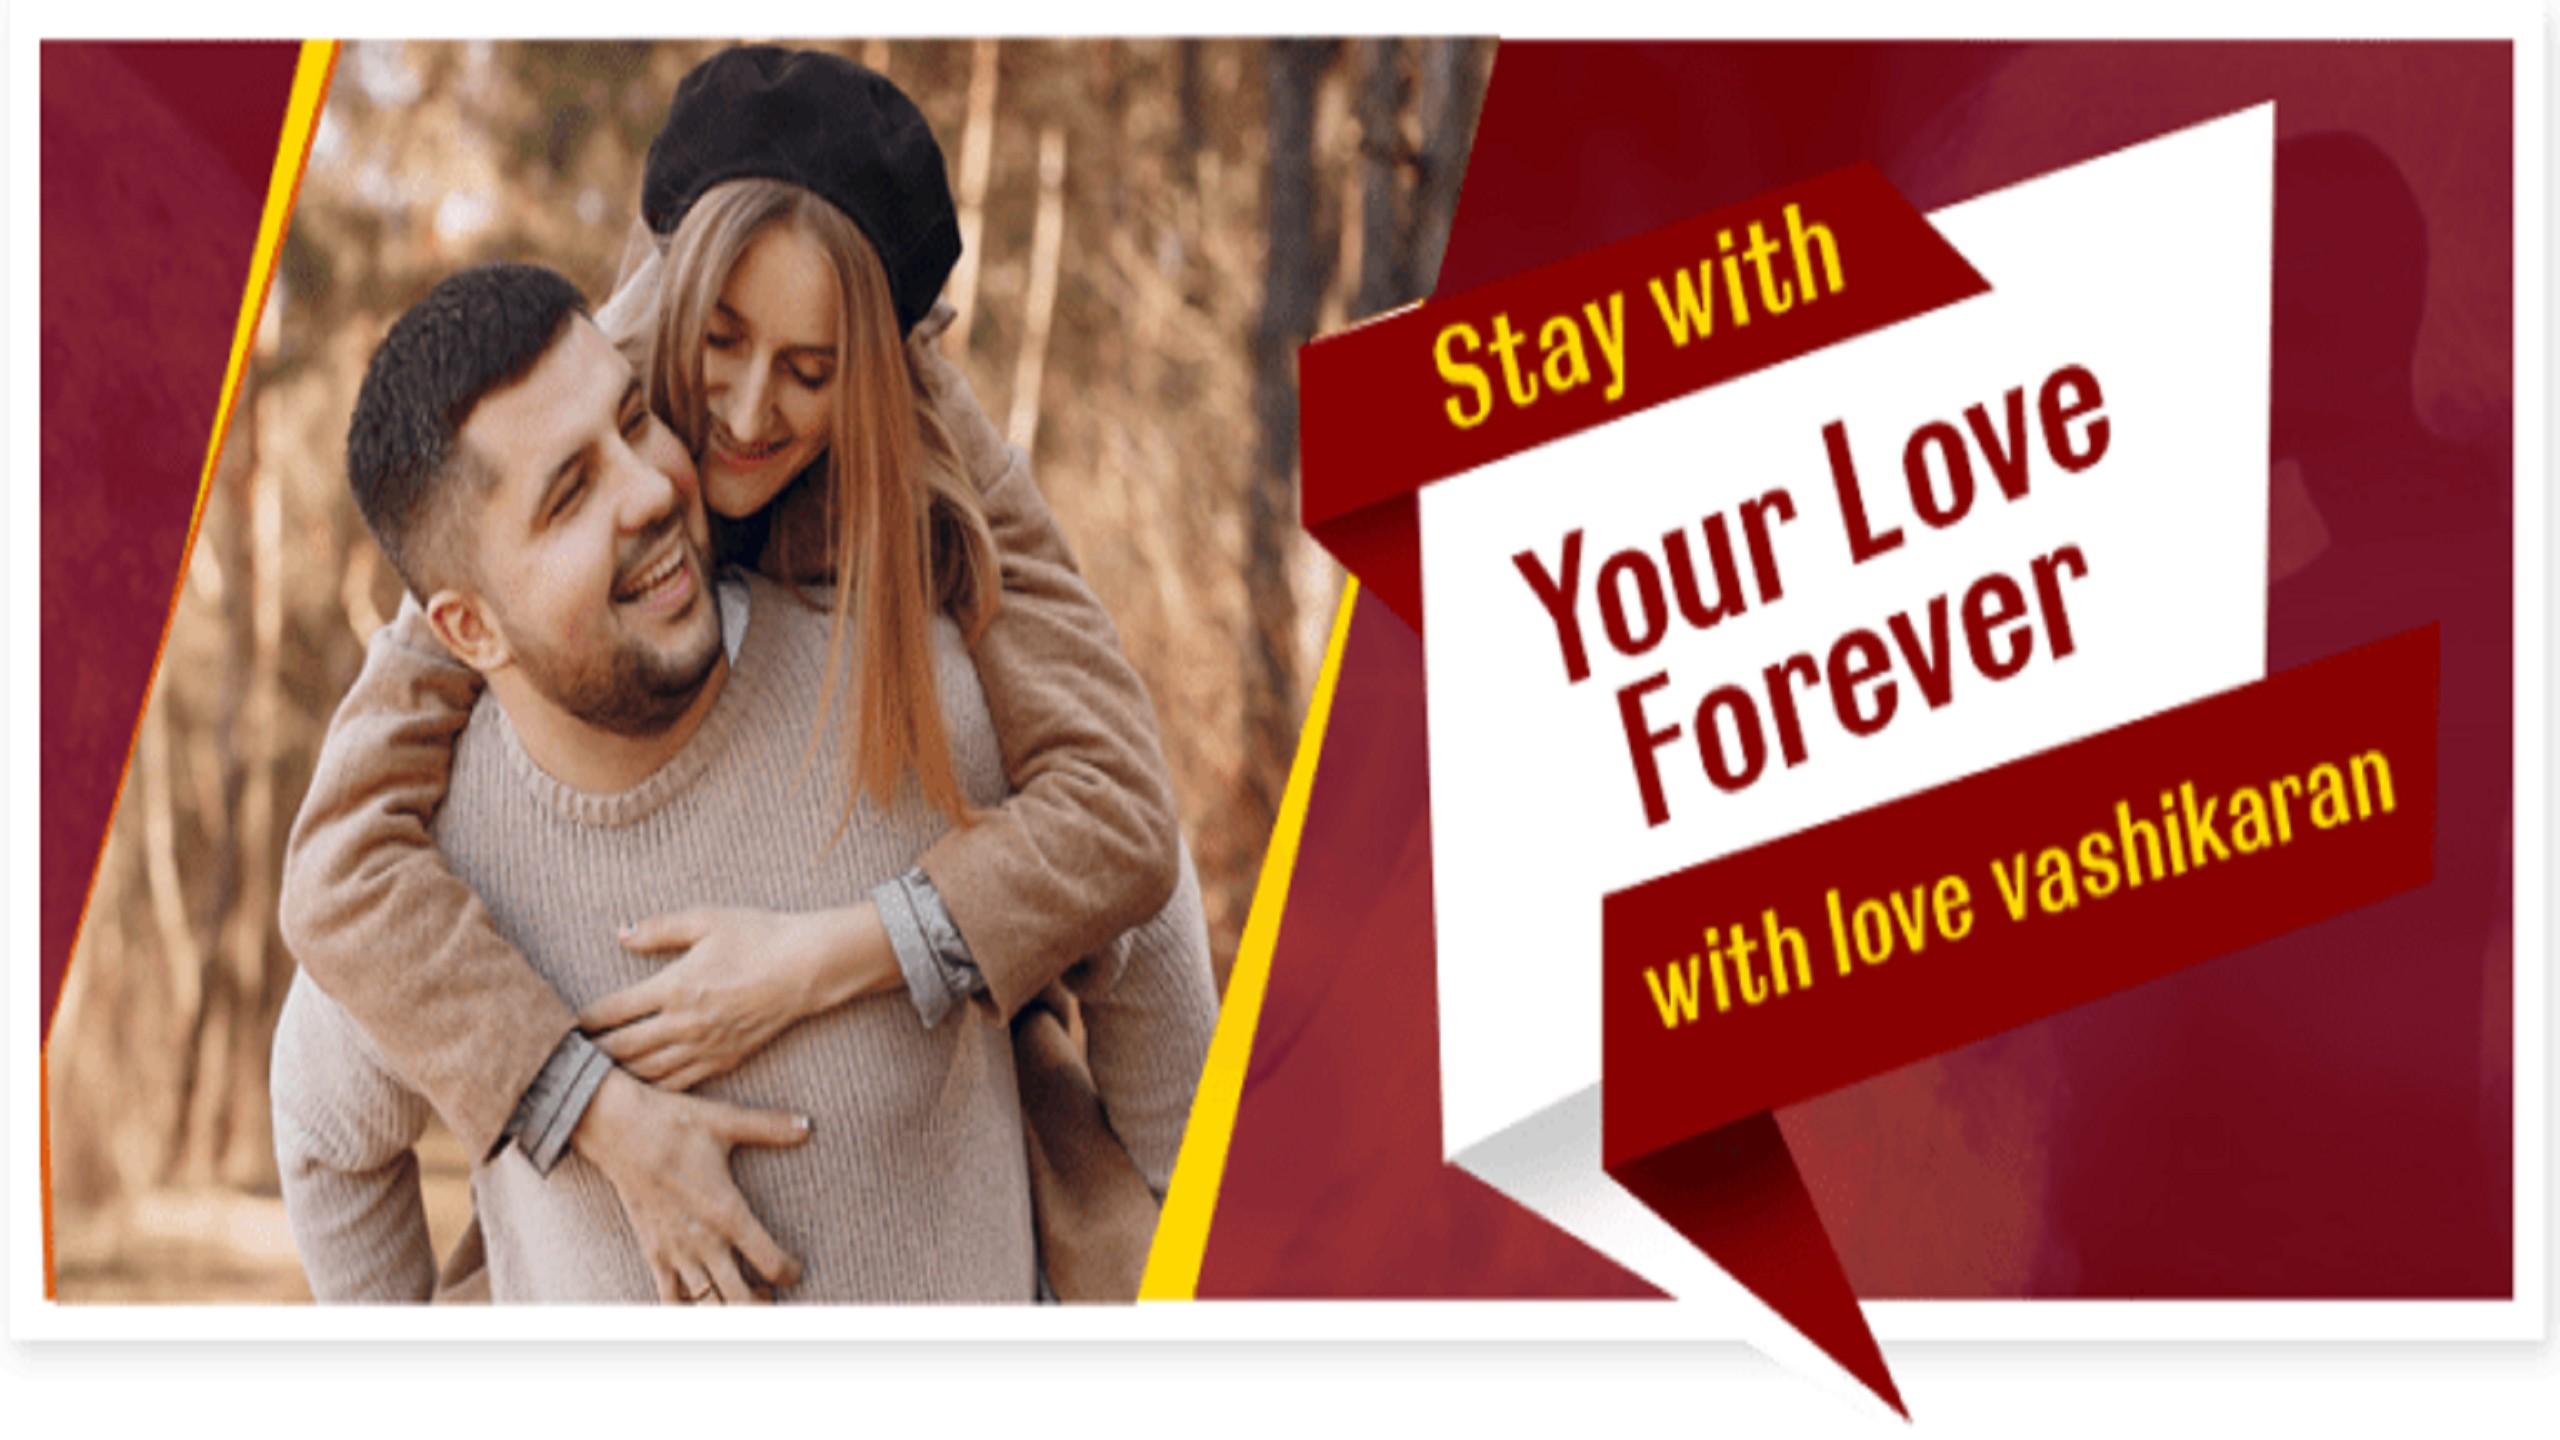 Get Your Love bavk